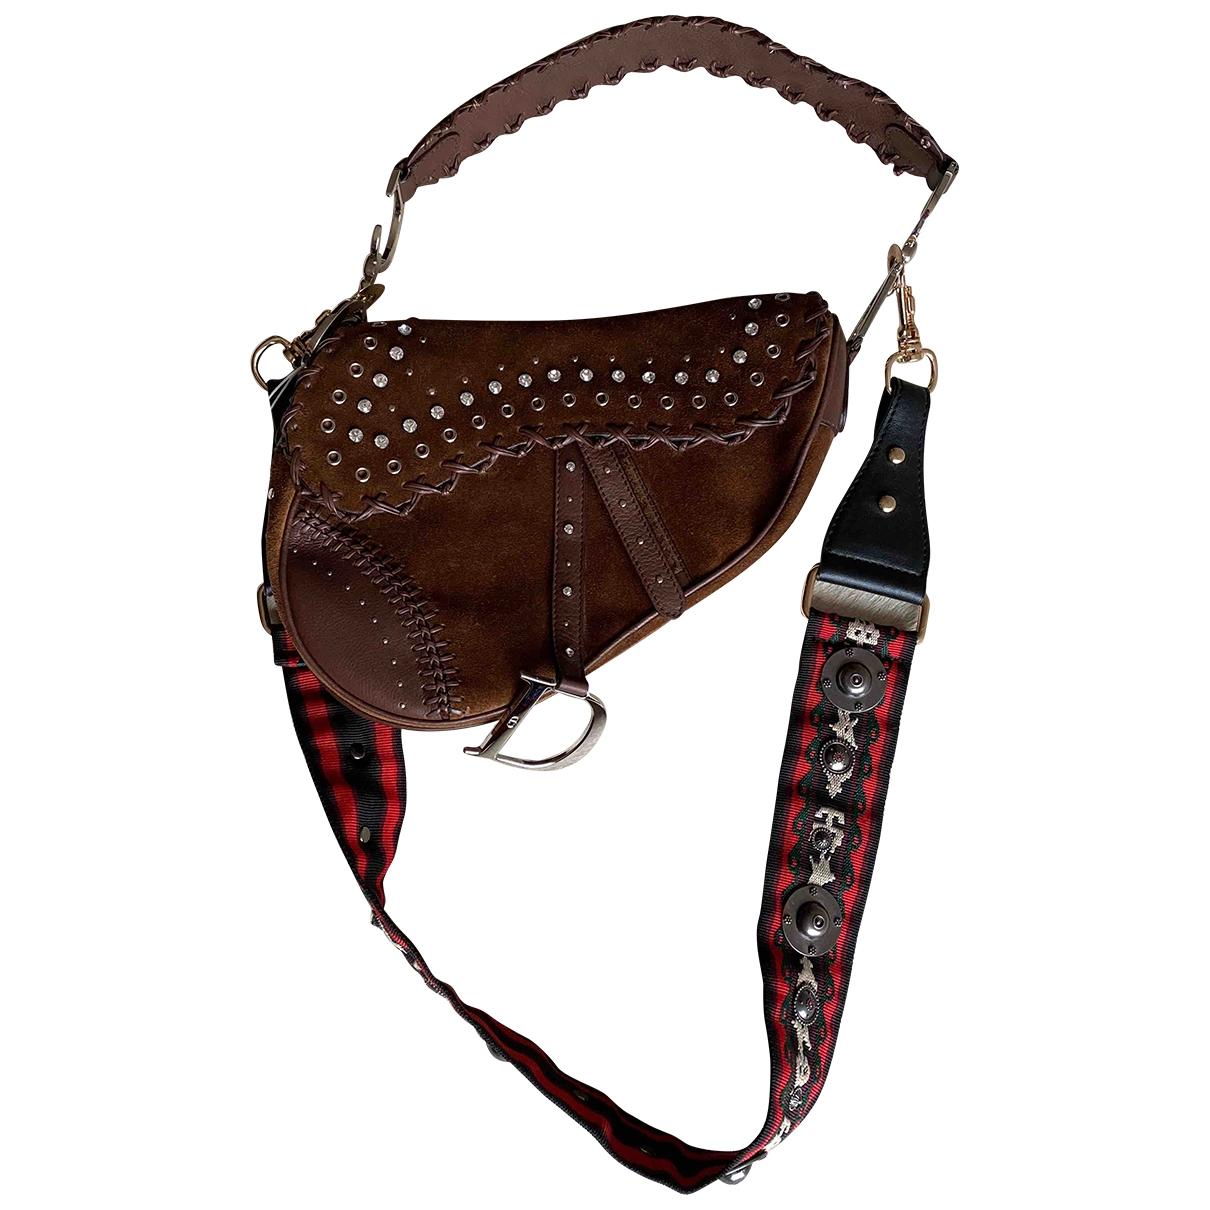 Dior - Sac a main Saddle pour femme en suede - camel